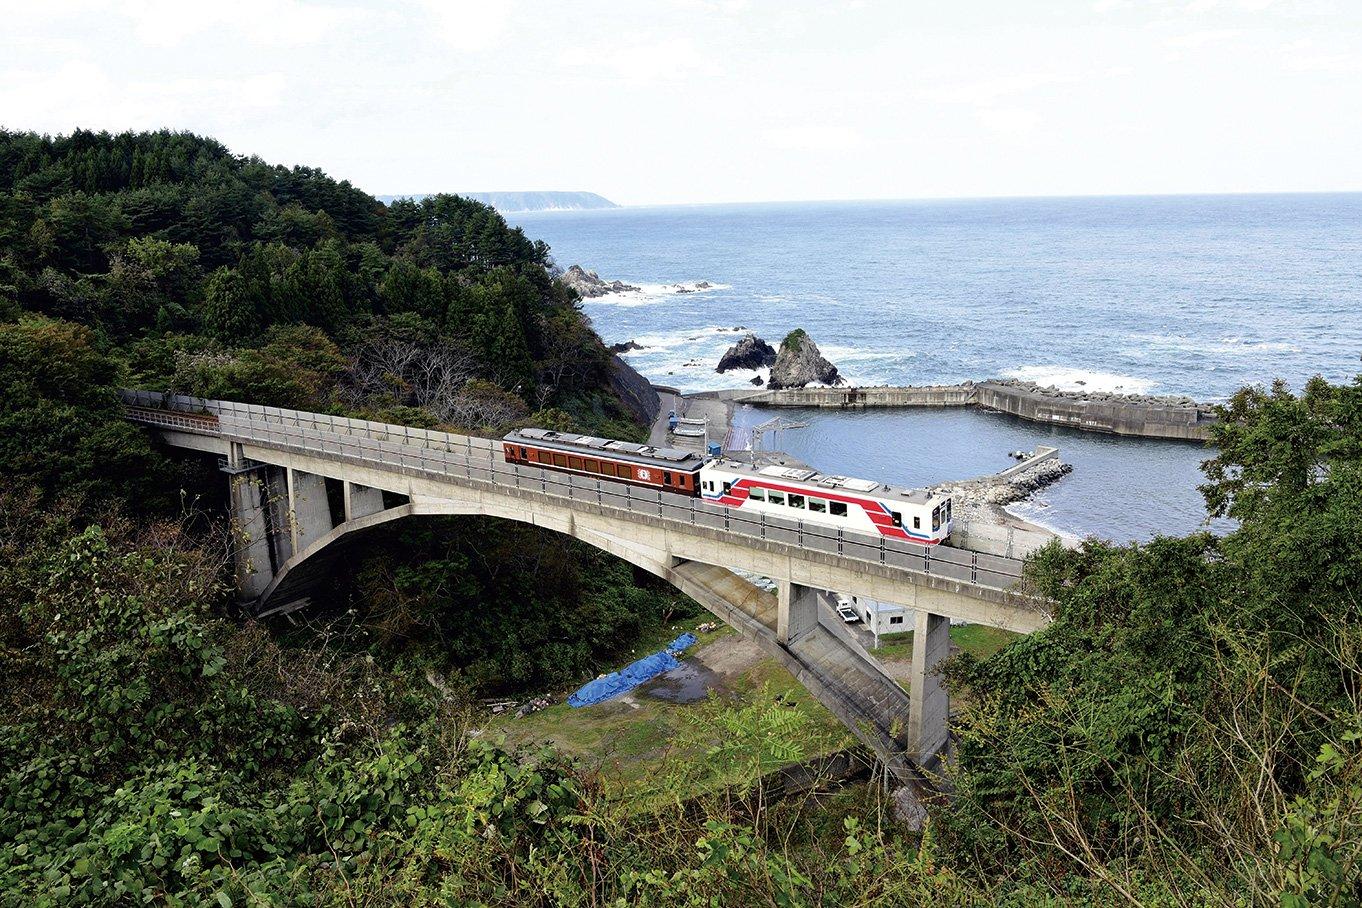 【鉄印帳を携えて】二つの海岸美にグルメ<br><三陸鉄道>